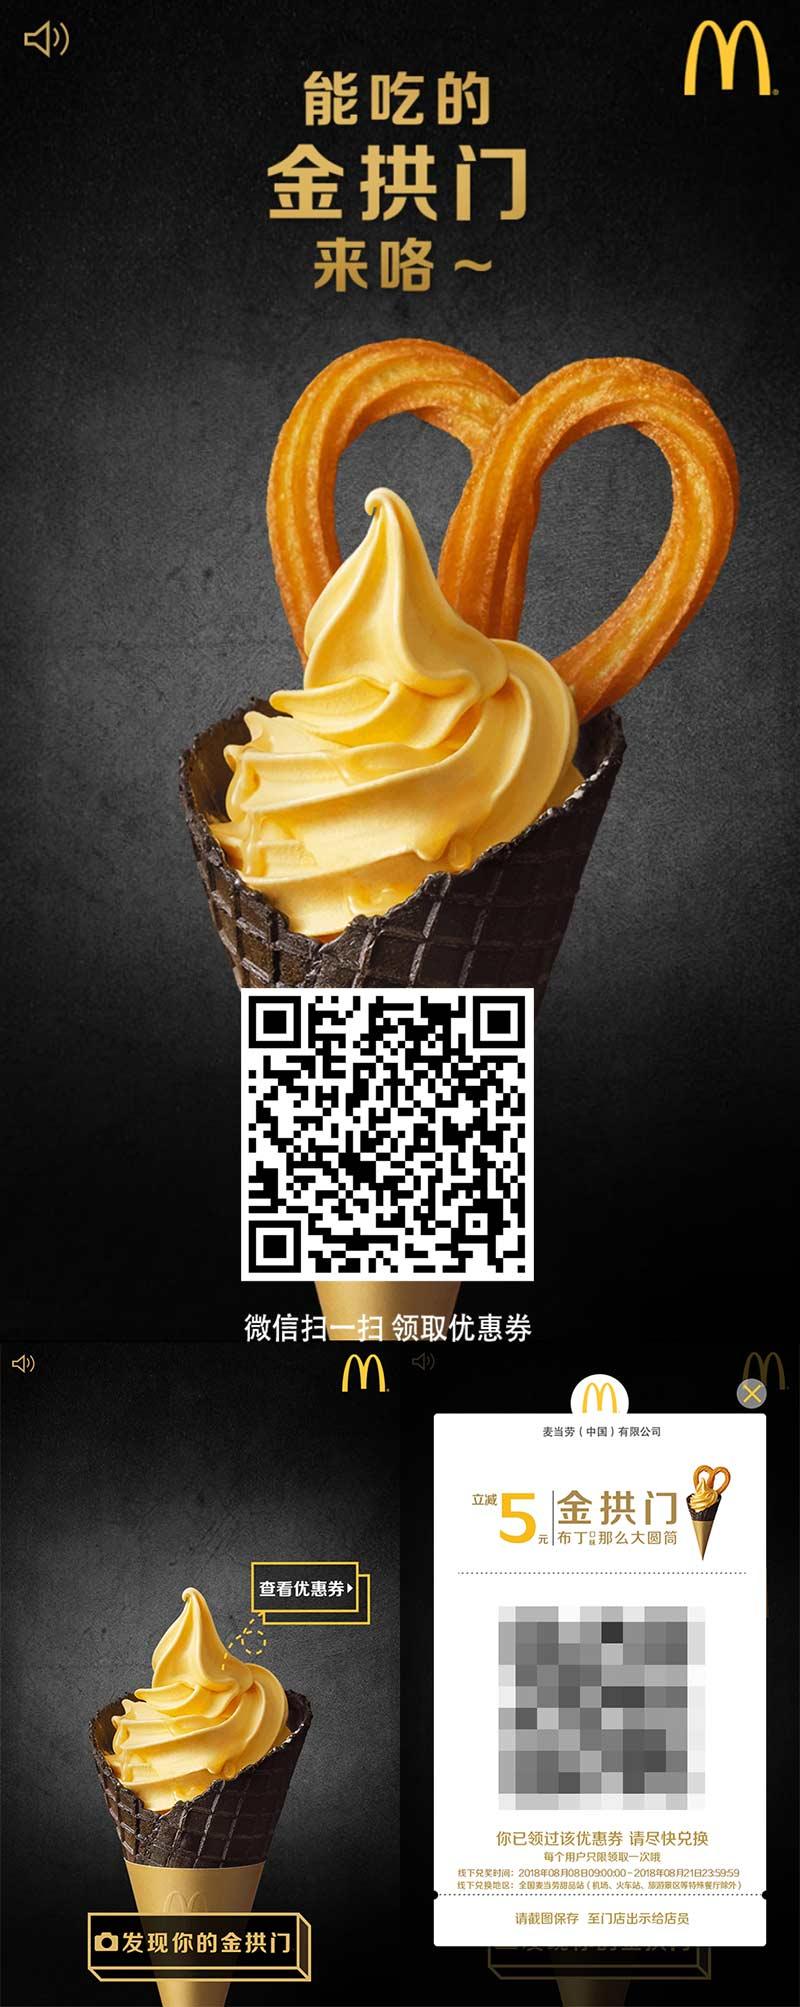 麦当劳金拱门布丁口味那么大圆筒立减5元尝新优惠券 有效期至:2018年8月21日 www.5ikfc.com